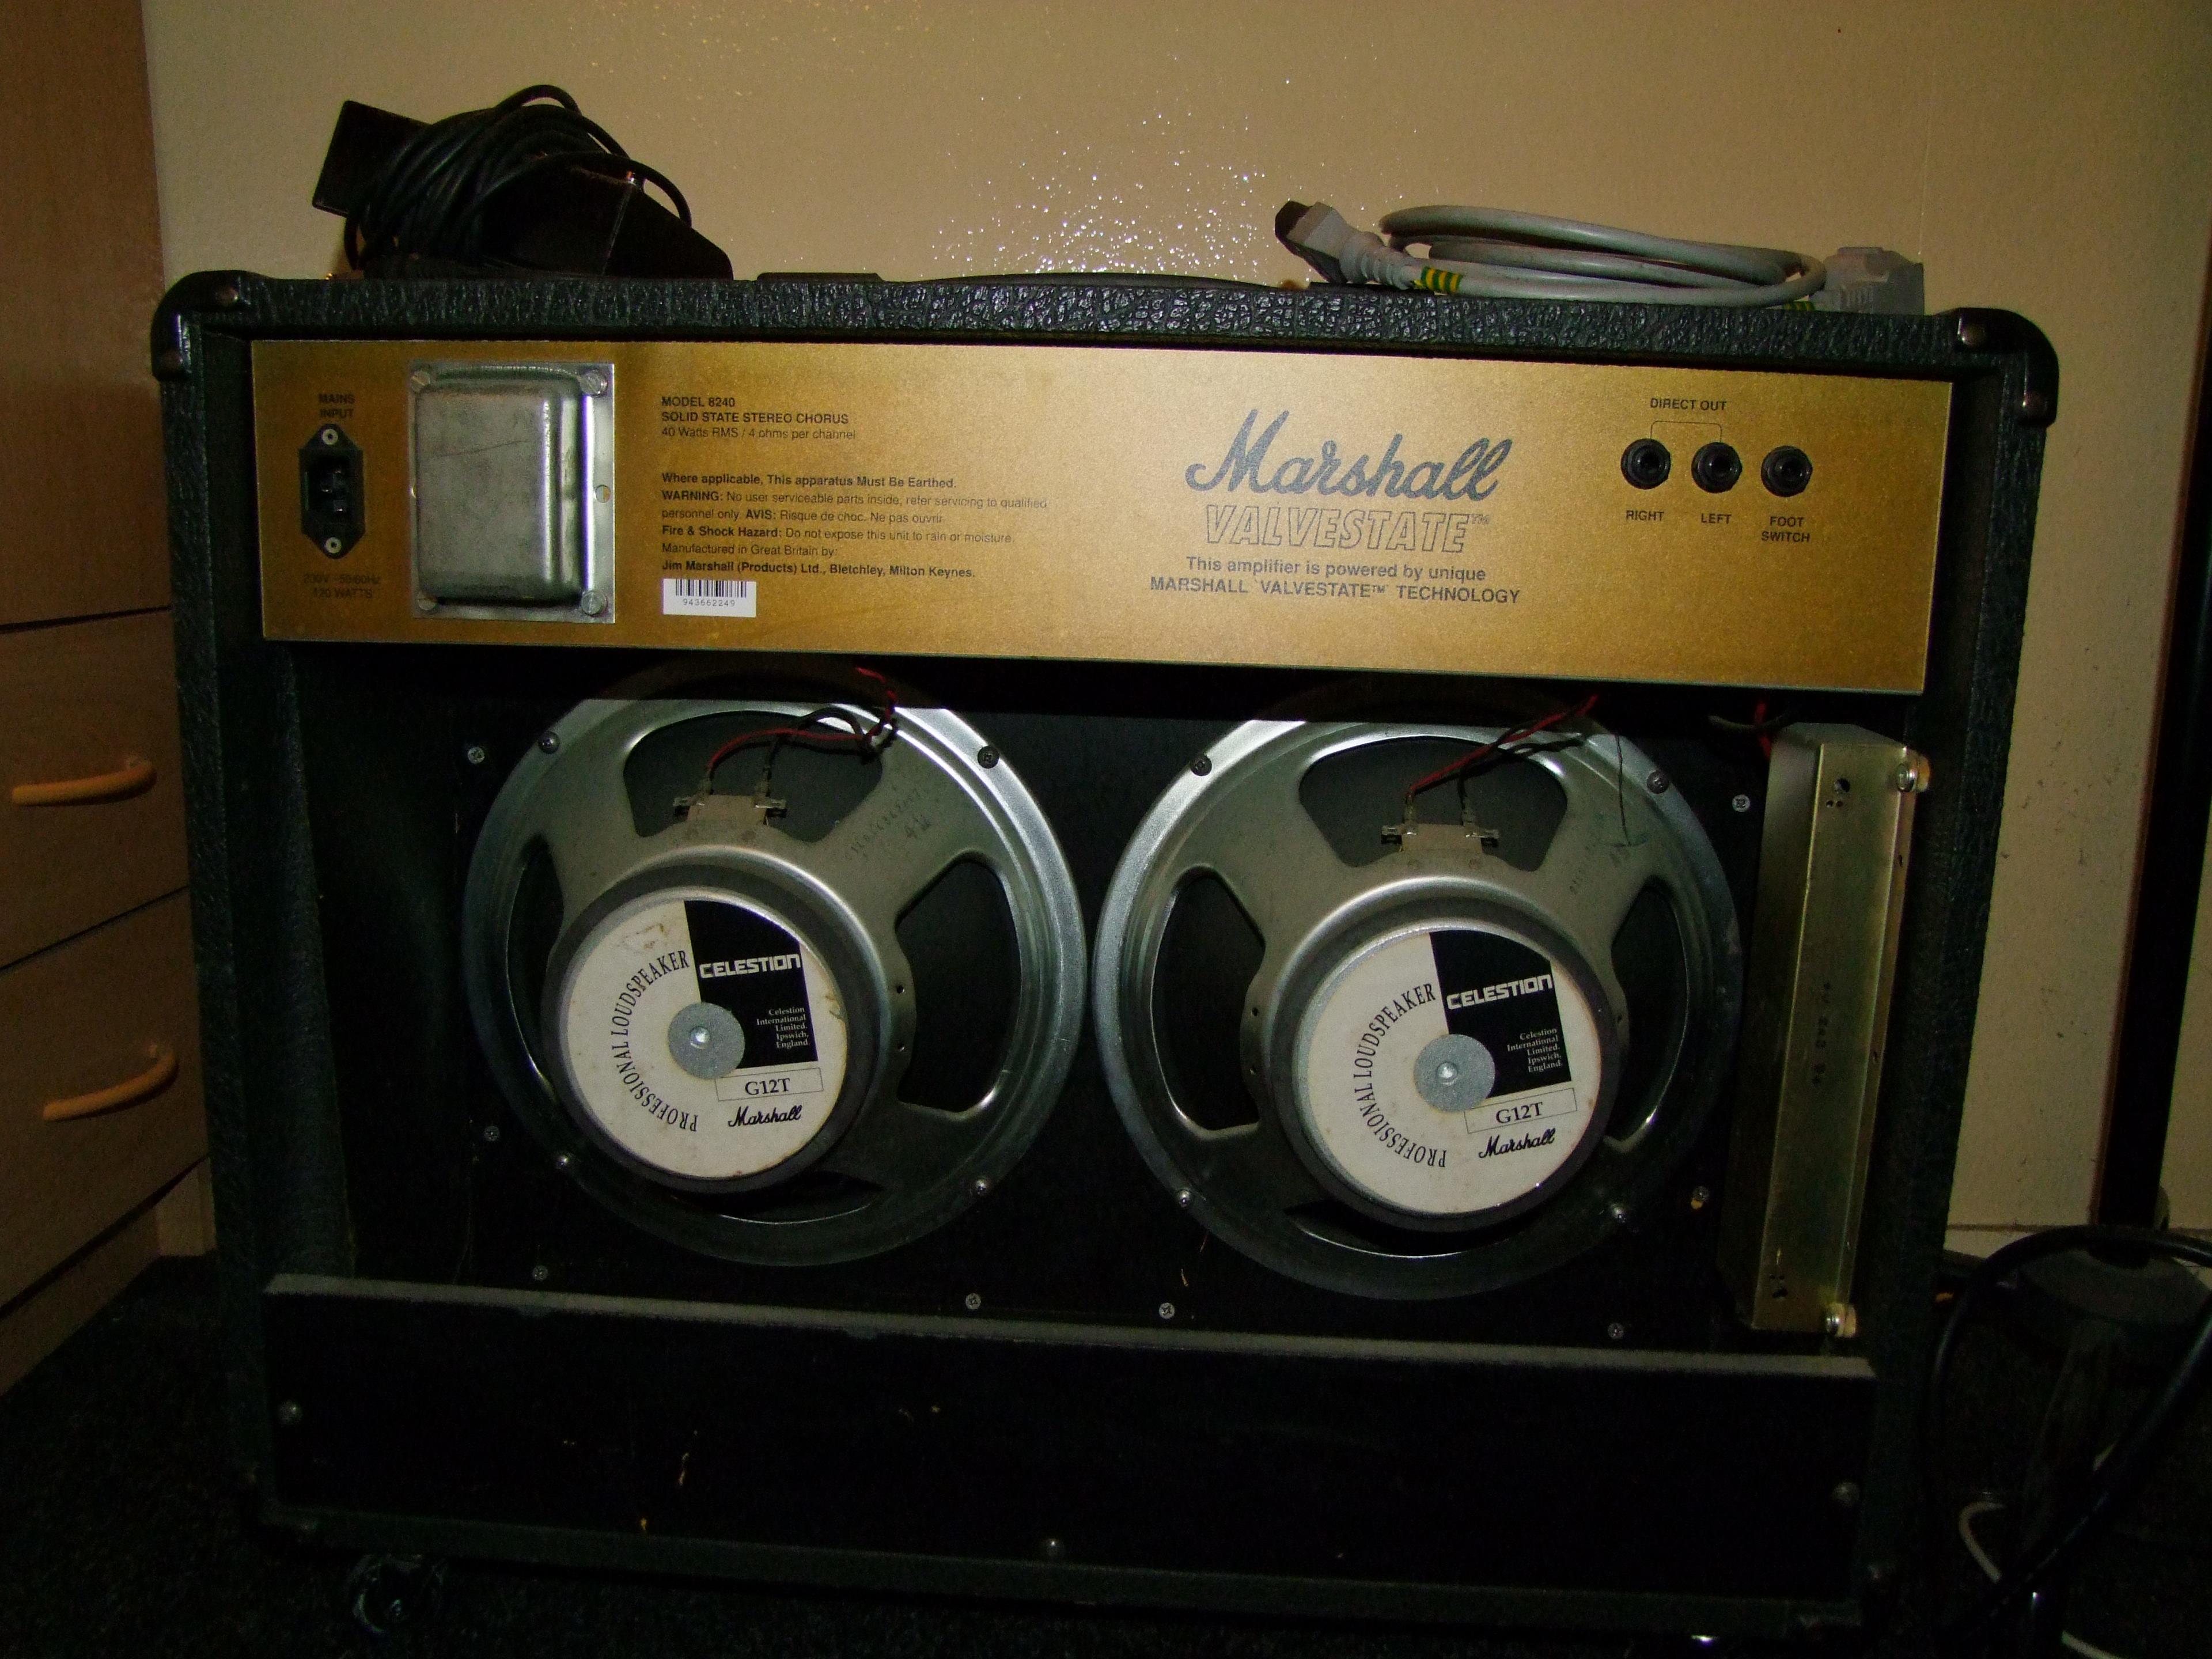 marshall 8240 valvestate s80 stereo chorus image 315865 rh en audiofanzine com Celestion Pokemon Celestion Speakers